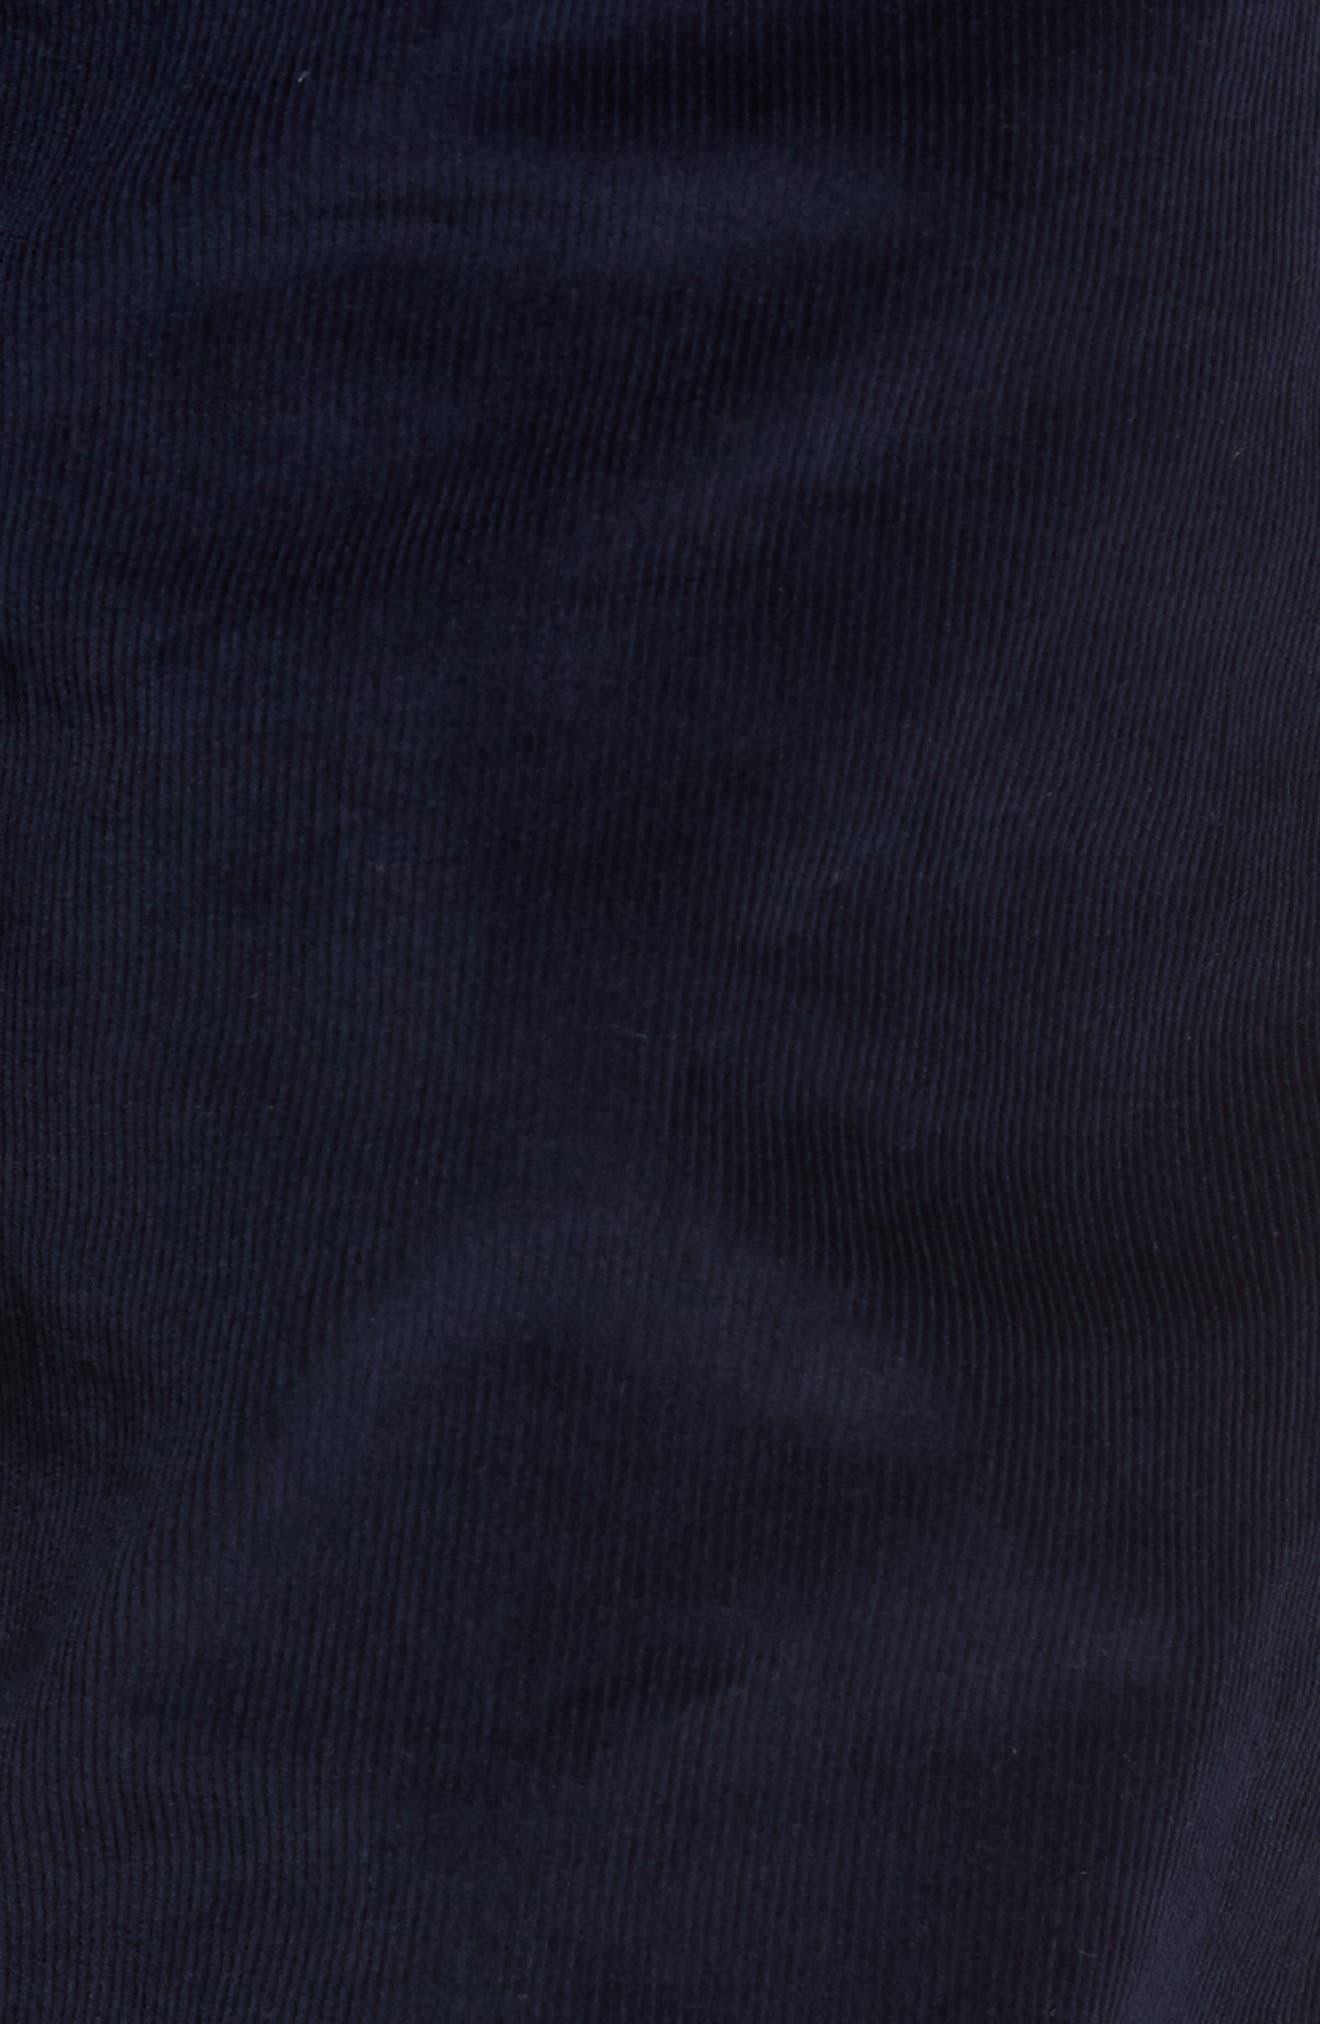 Slim Fit Corduroy Pants,                             Alternate thumbnail 5, color,